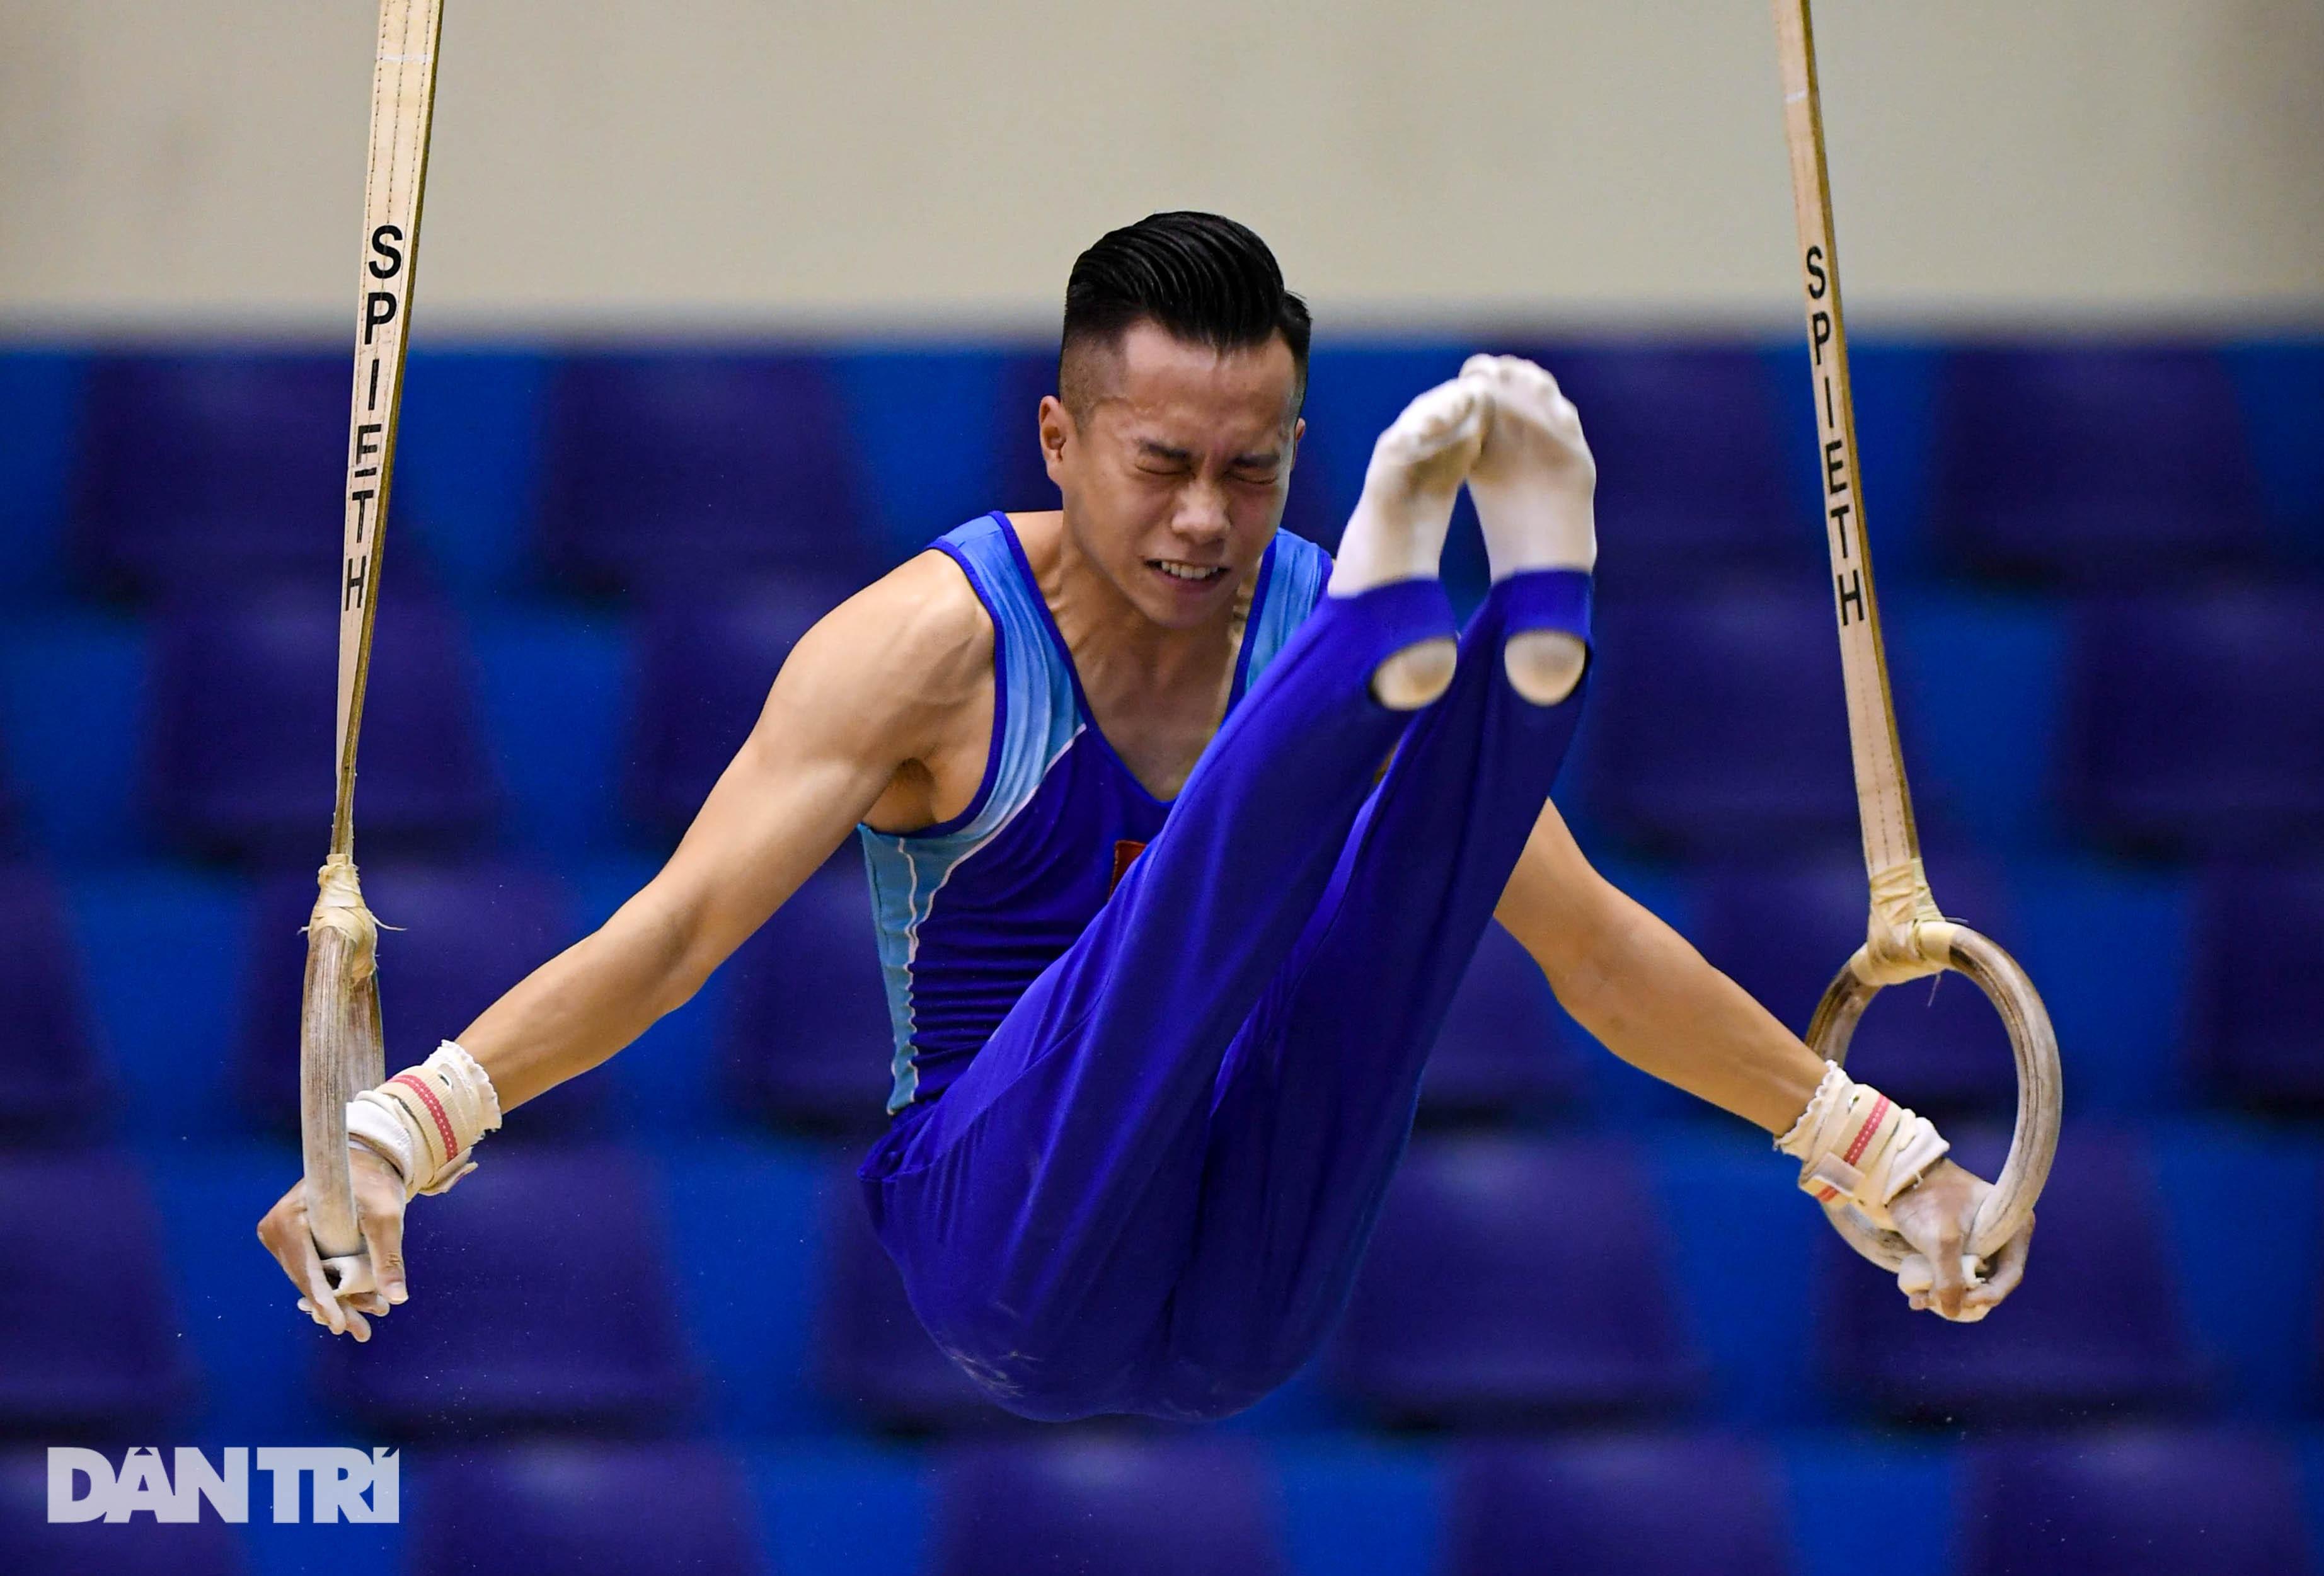 Mãn nhãn với những màn biểu diễn thể dục dụng cụ tại giải quốc gia - 11